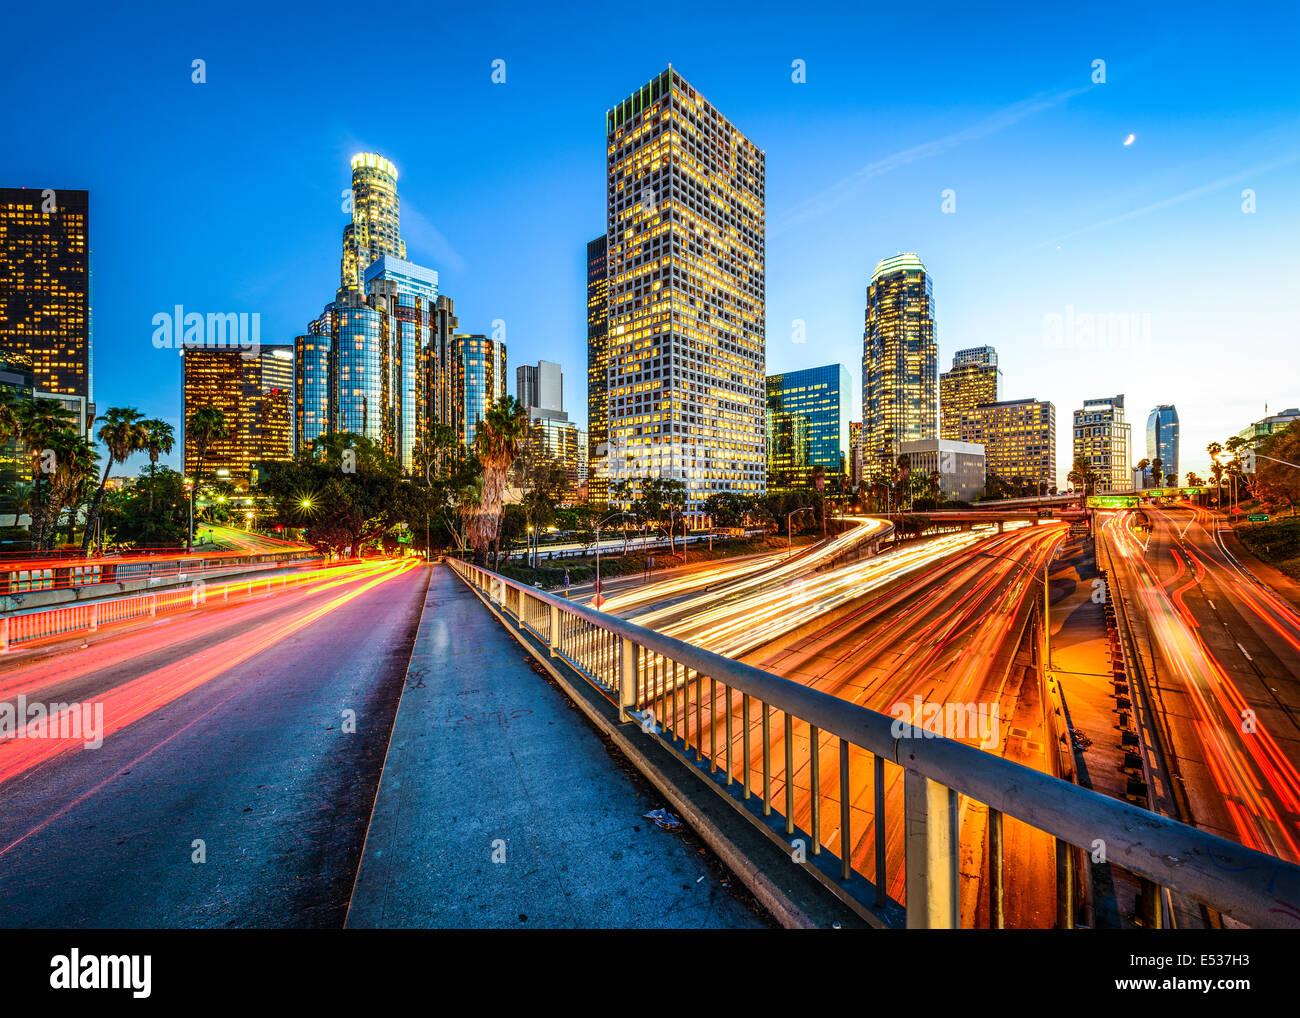 Los Angeles, Califórnia, EUA downtown skyline à noite. Imagens de Stock